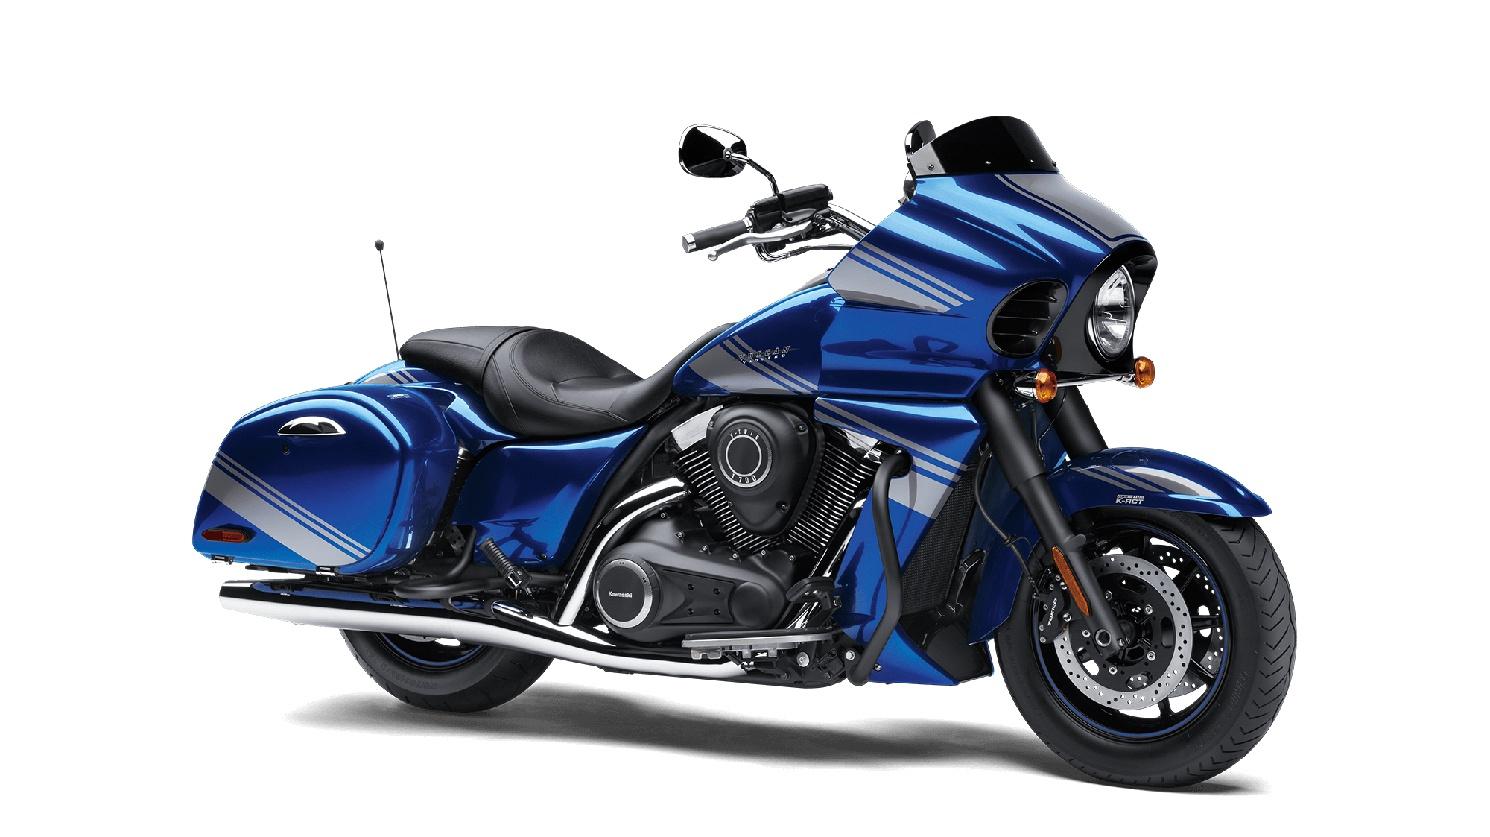 Kawasaki VULCAN 1700 VAQUERO ABS Sucrerie Bleu Impérial 2020